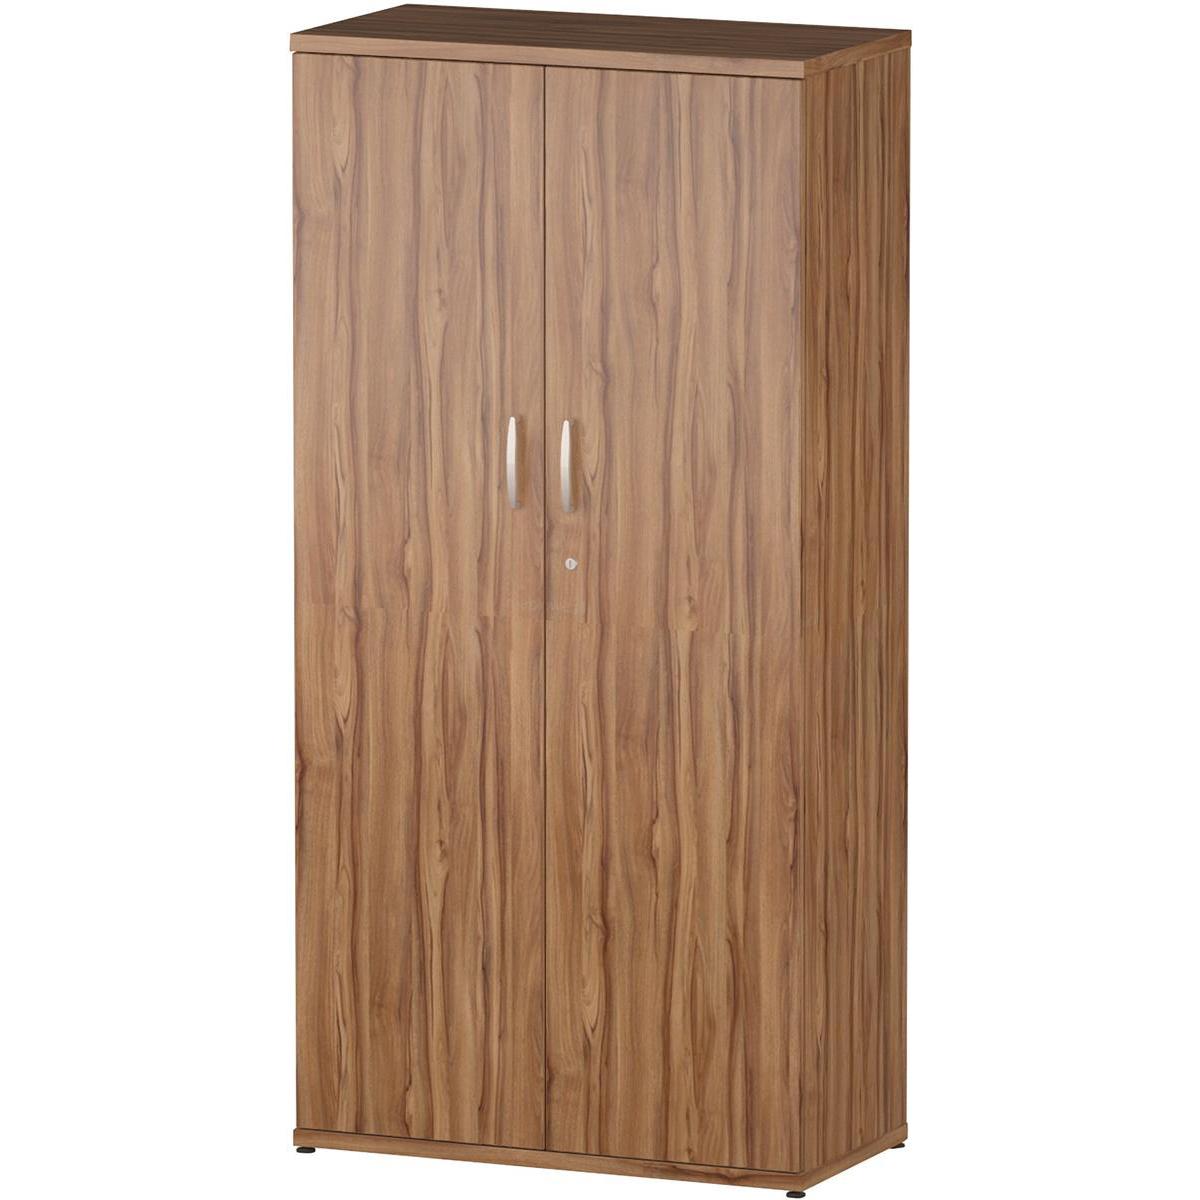 Domestic cupboard Trexus Office High Cupboard 800x400x1600mm 3 Shelves Walnut Ref S00007